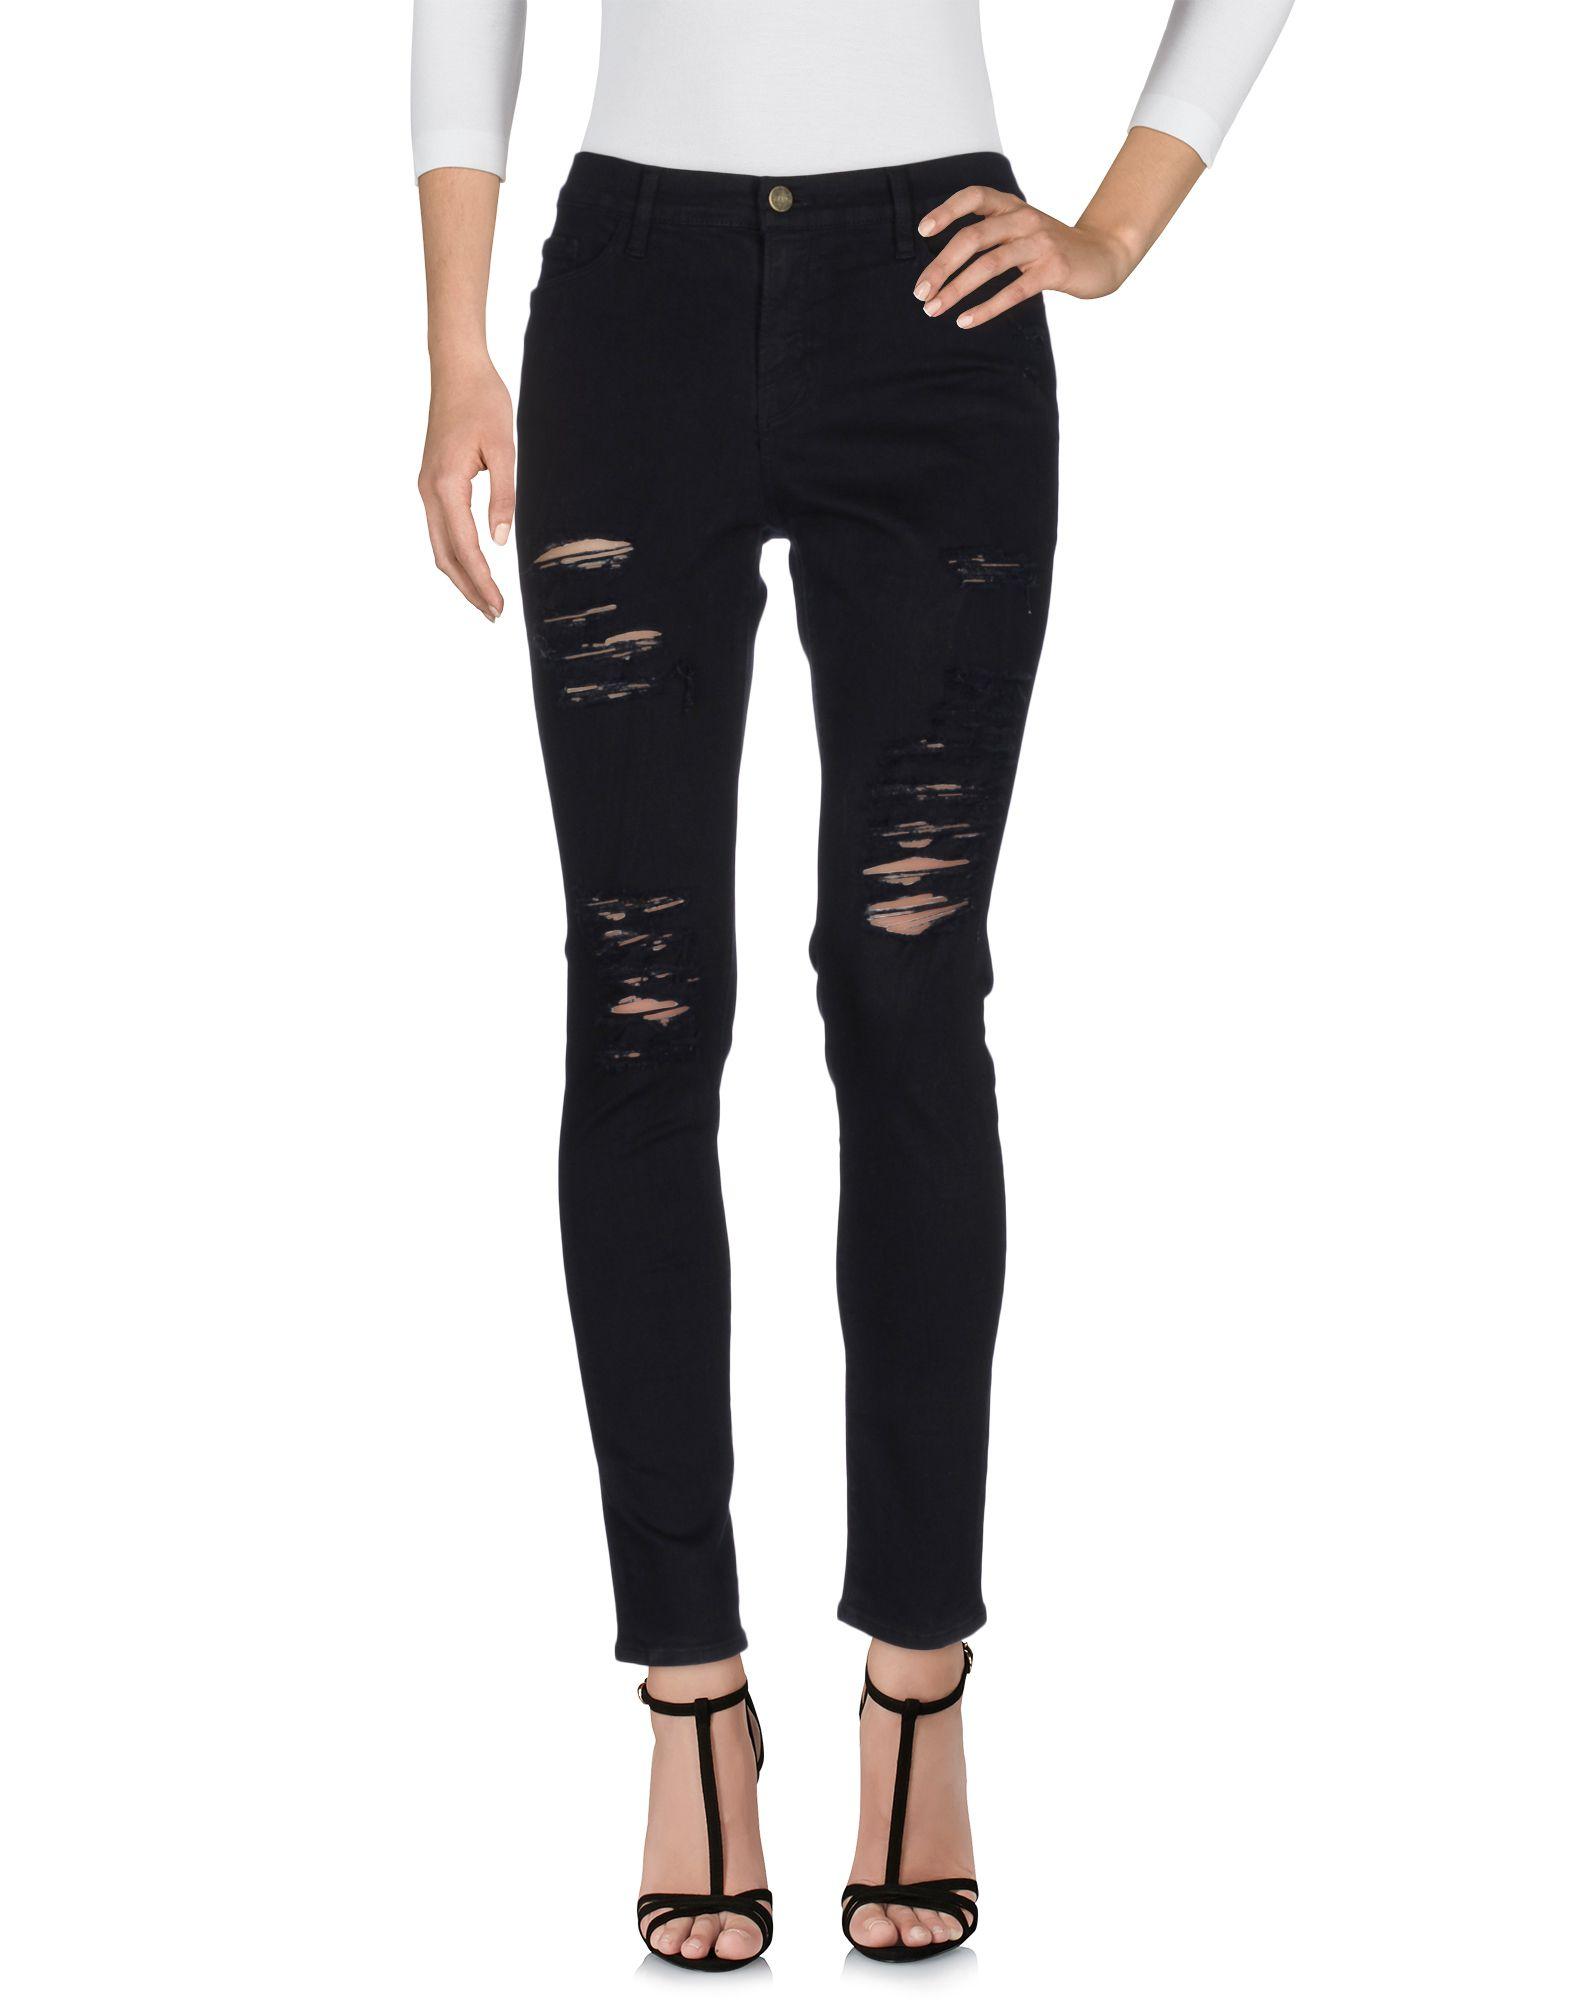 FRAME Damen Jeanshose Farbe Schwarz Größe 9 - broschei